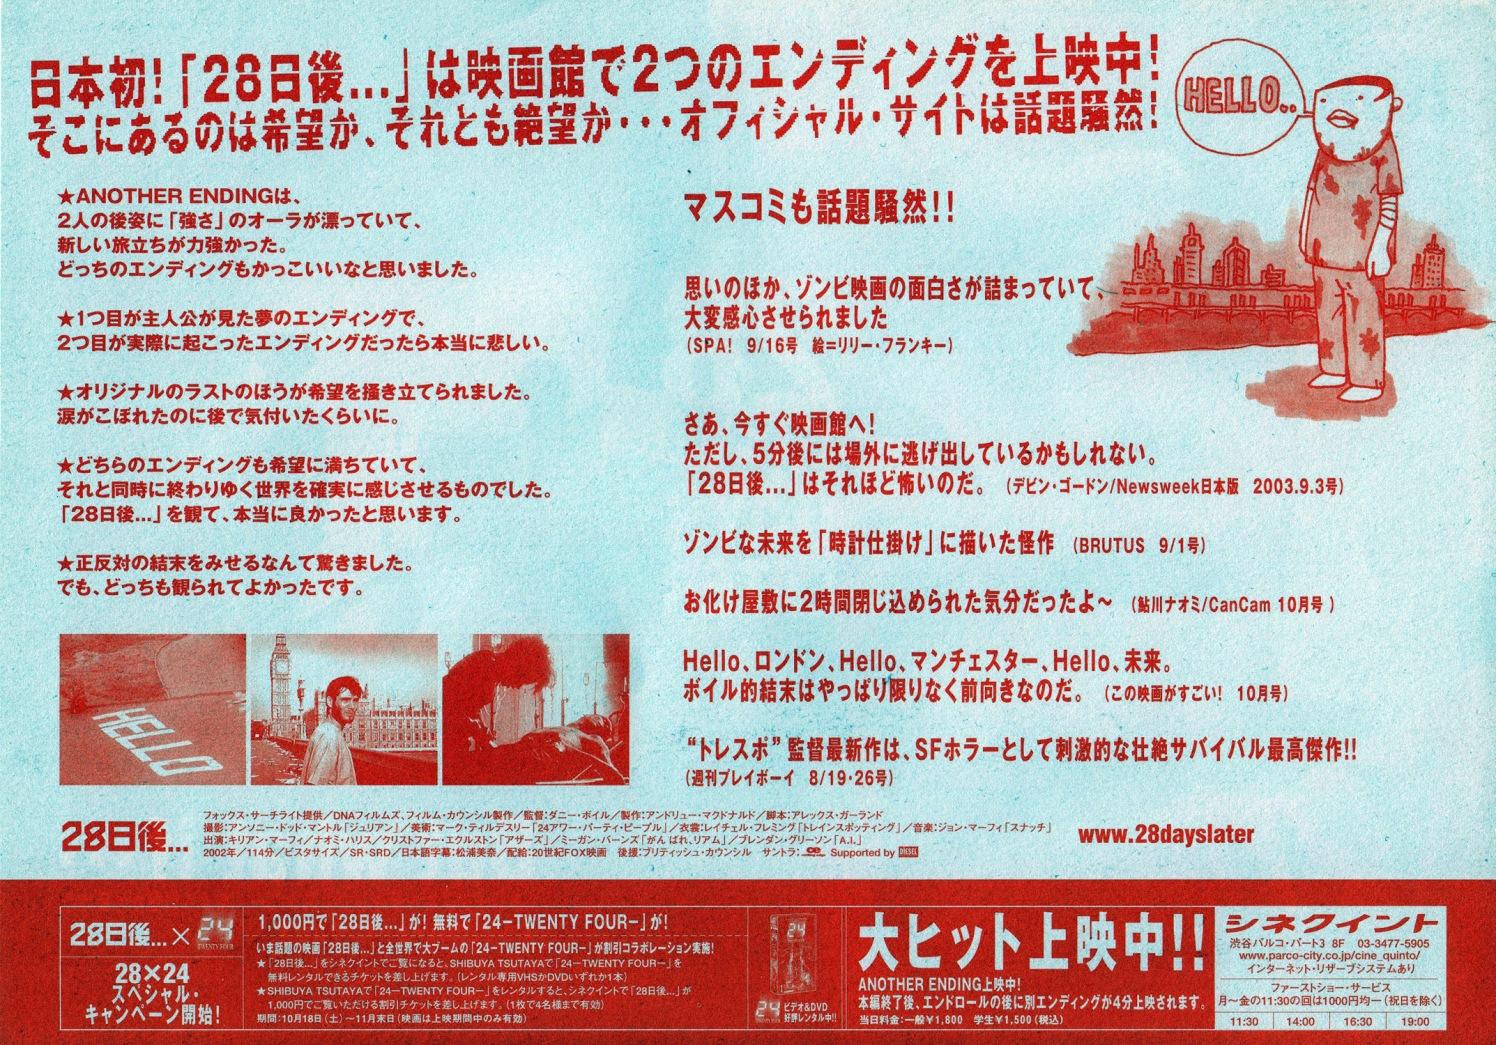 28dayslater-japan-6